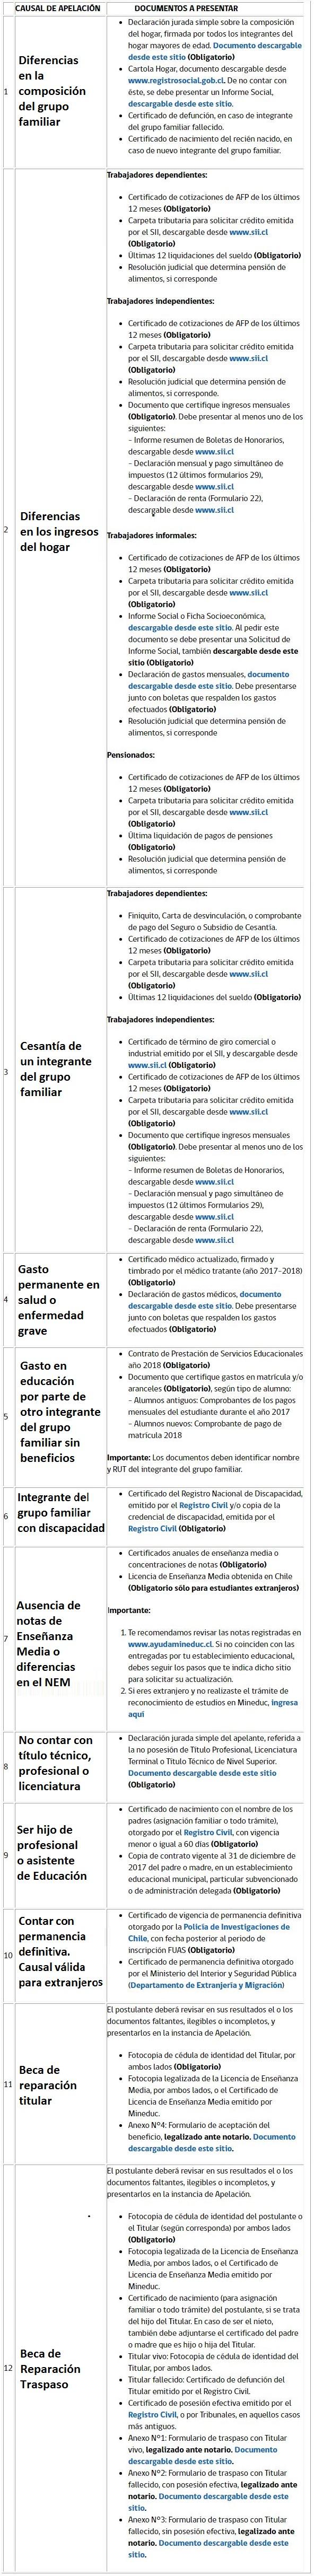 Gratuidad 2018: Se cumple el plazo para apelar al beneficioGratuidad 2018: Se cumple el plazo para apelar al beneficio